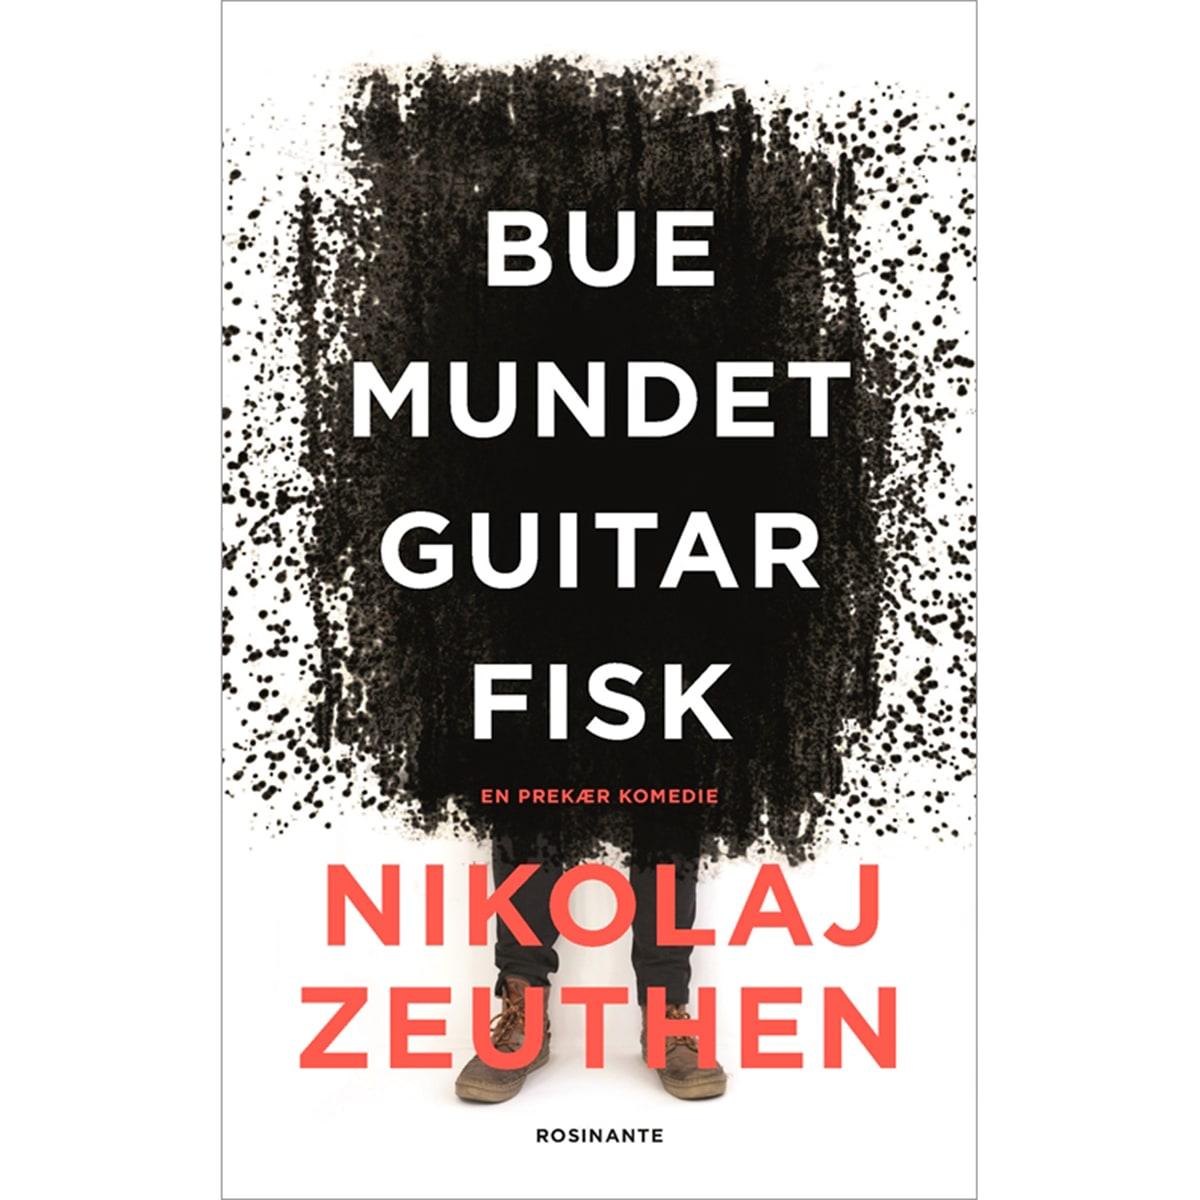 Af Nikolaj Zeuthen